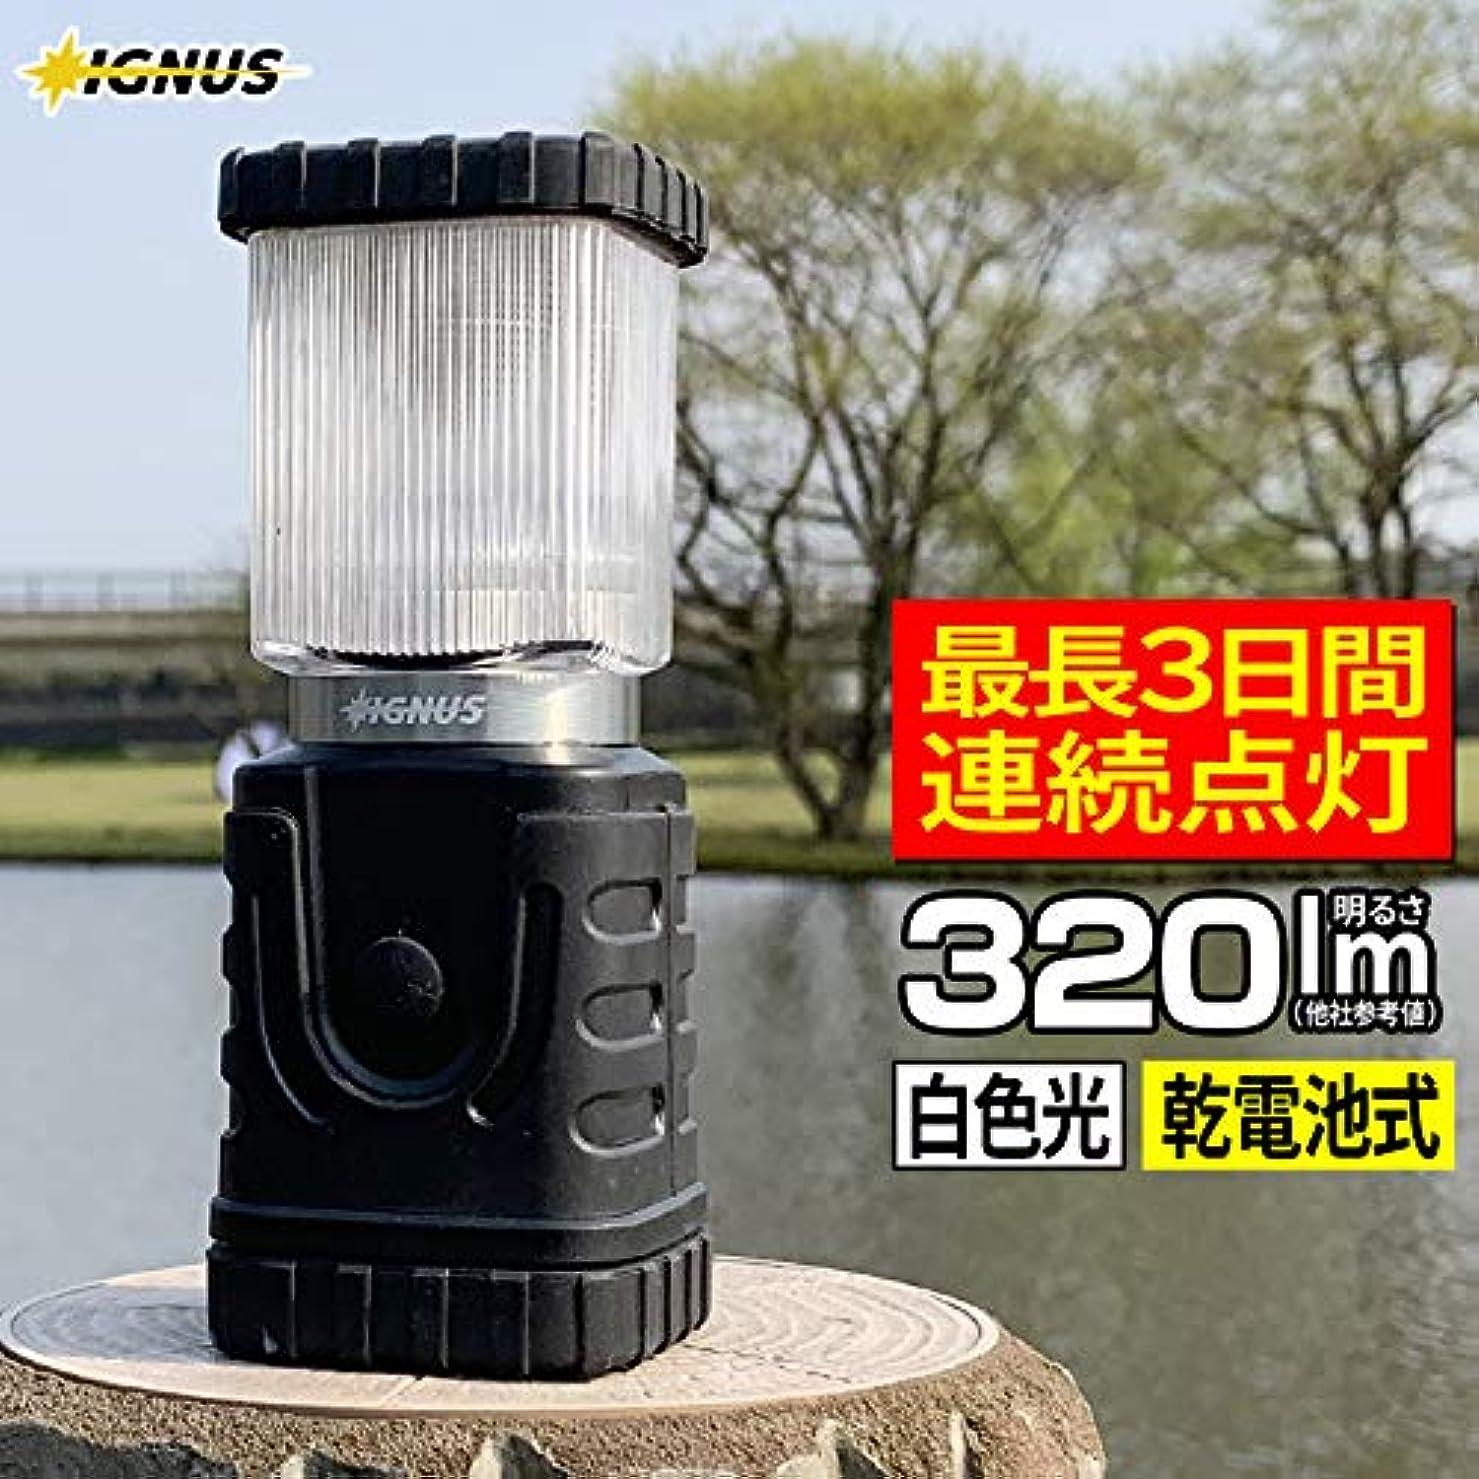 スタンド陽気なチューインガムIGNUS ランタン LEDランタン 懐中電灯 LED懐中電灯 暖色LEDランタン 320lm IG-T300LT LITTLE TITAN fl-igl004